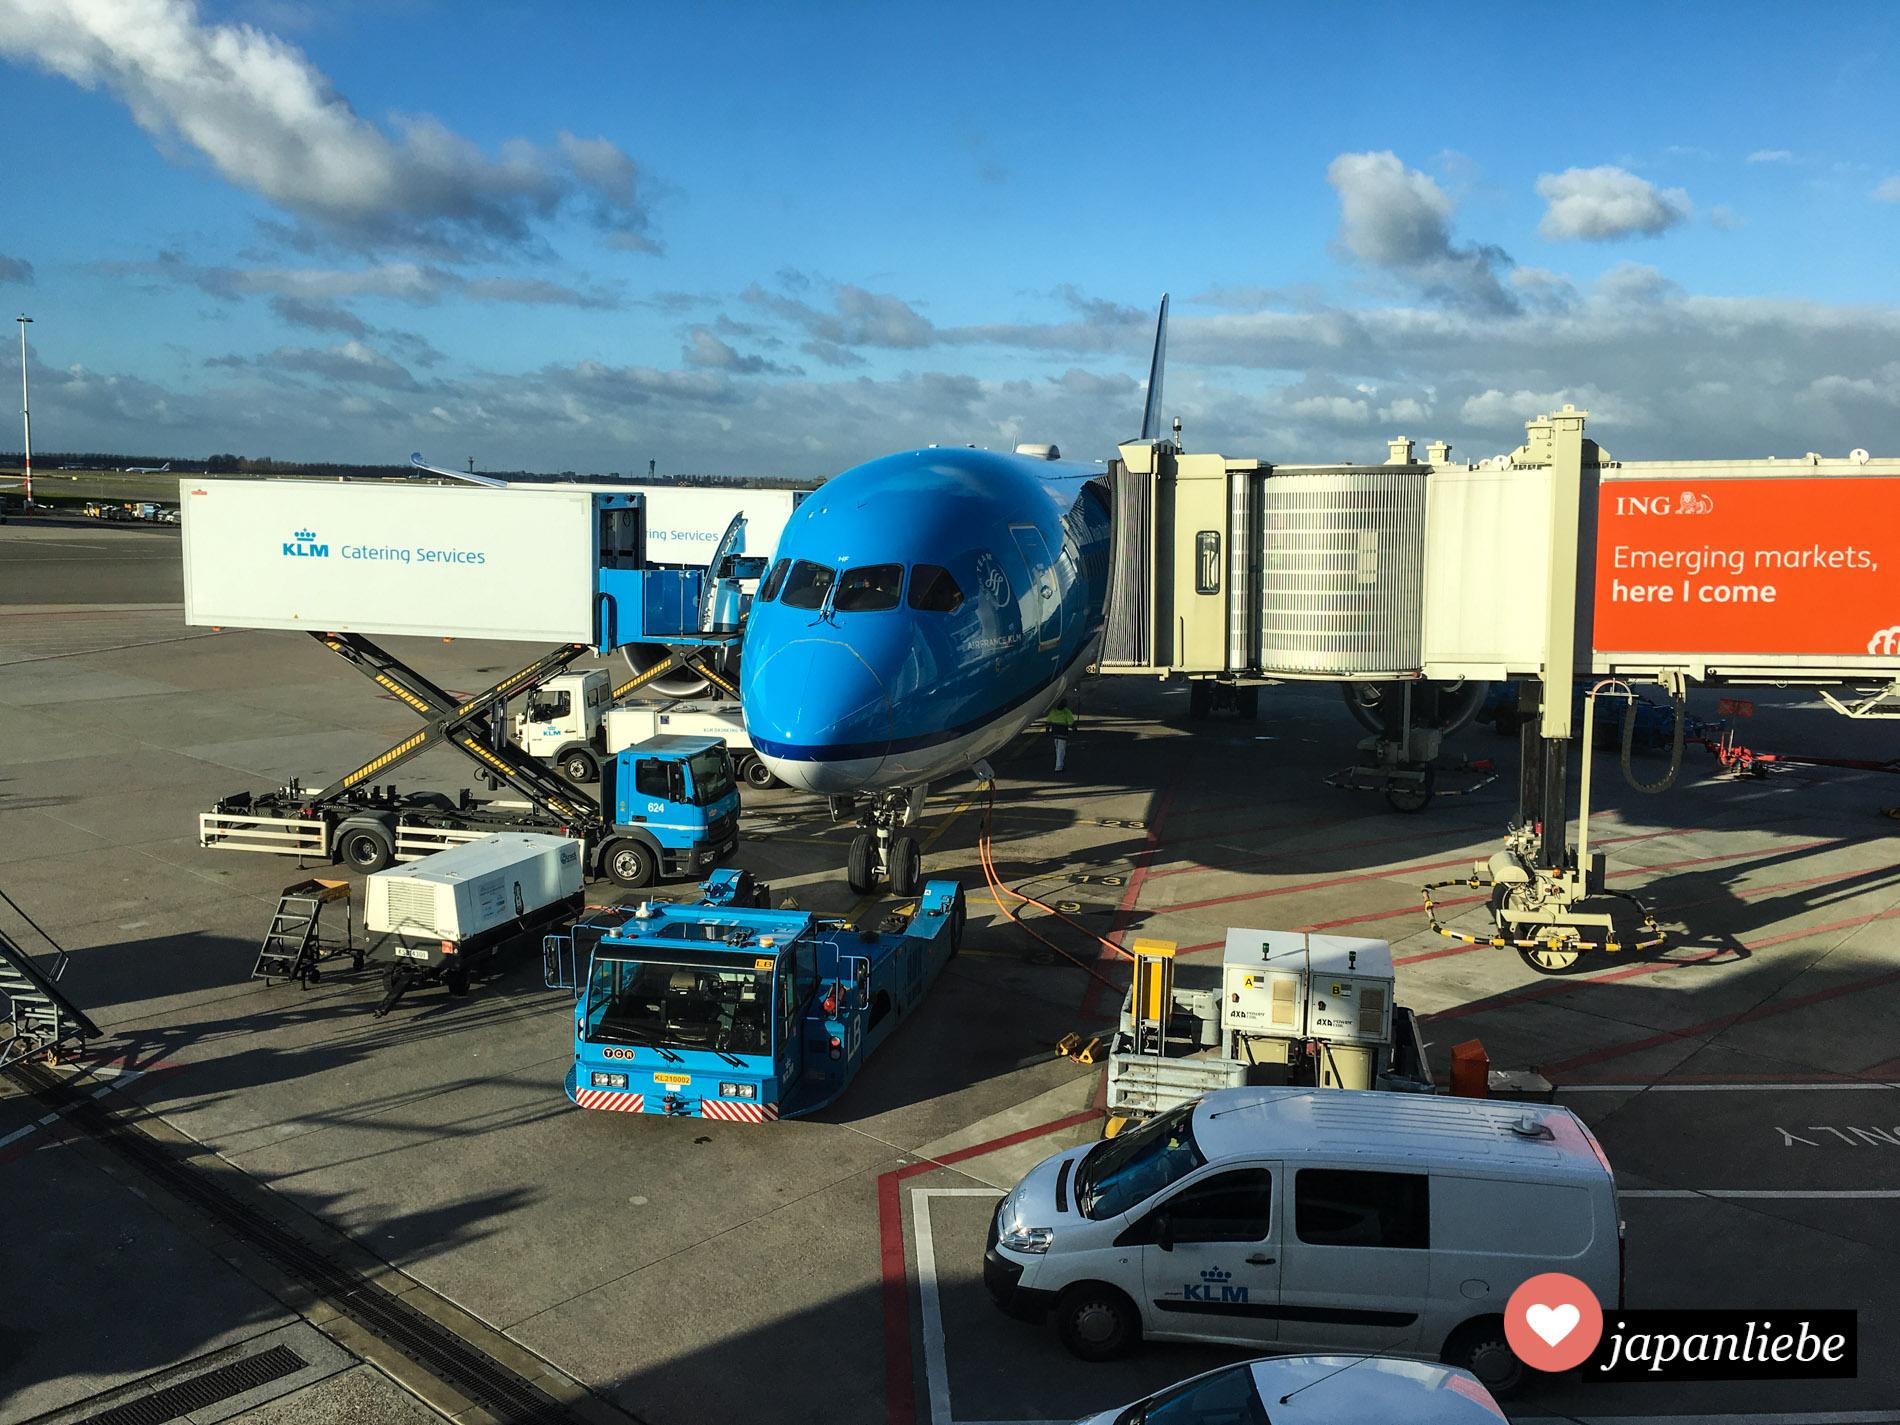 Grund zur Vorfreude: das Flugzeug von Amsterdam nach Ōsaka wird mit Essen versorgt. Bald kann es losgehen.